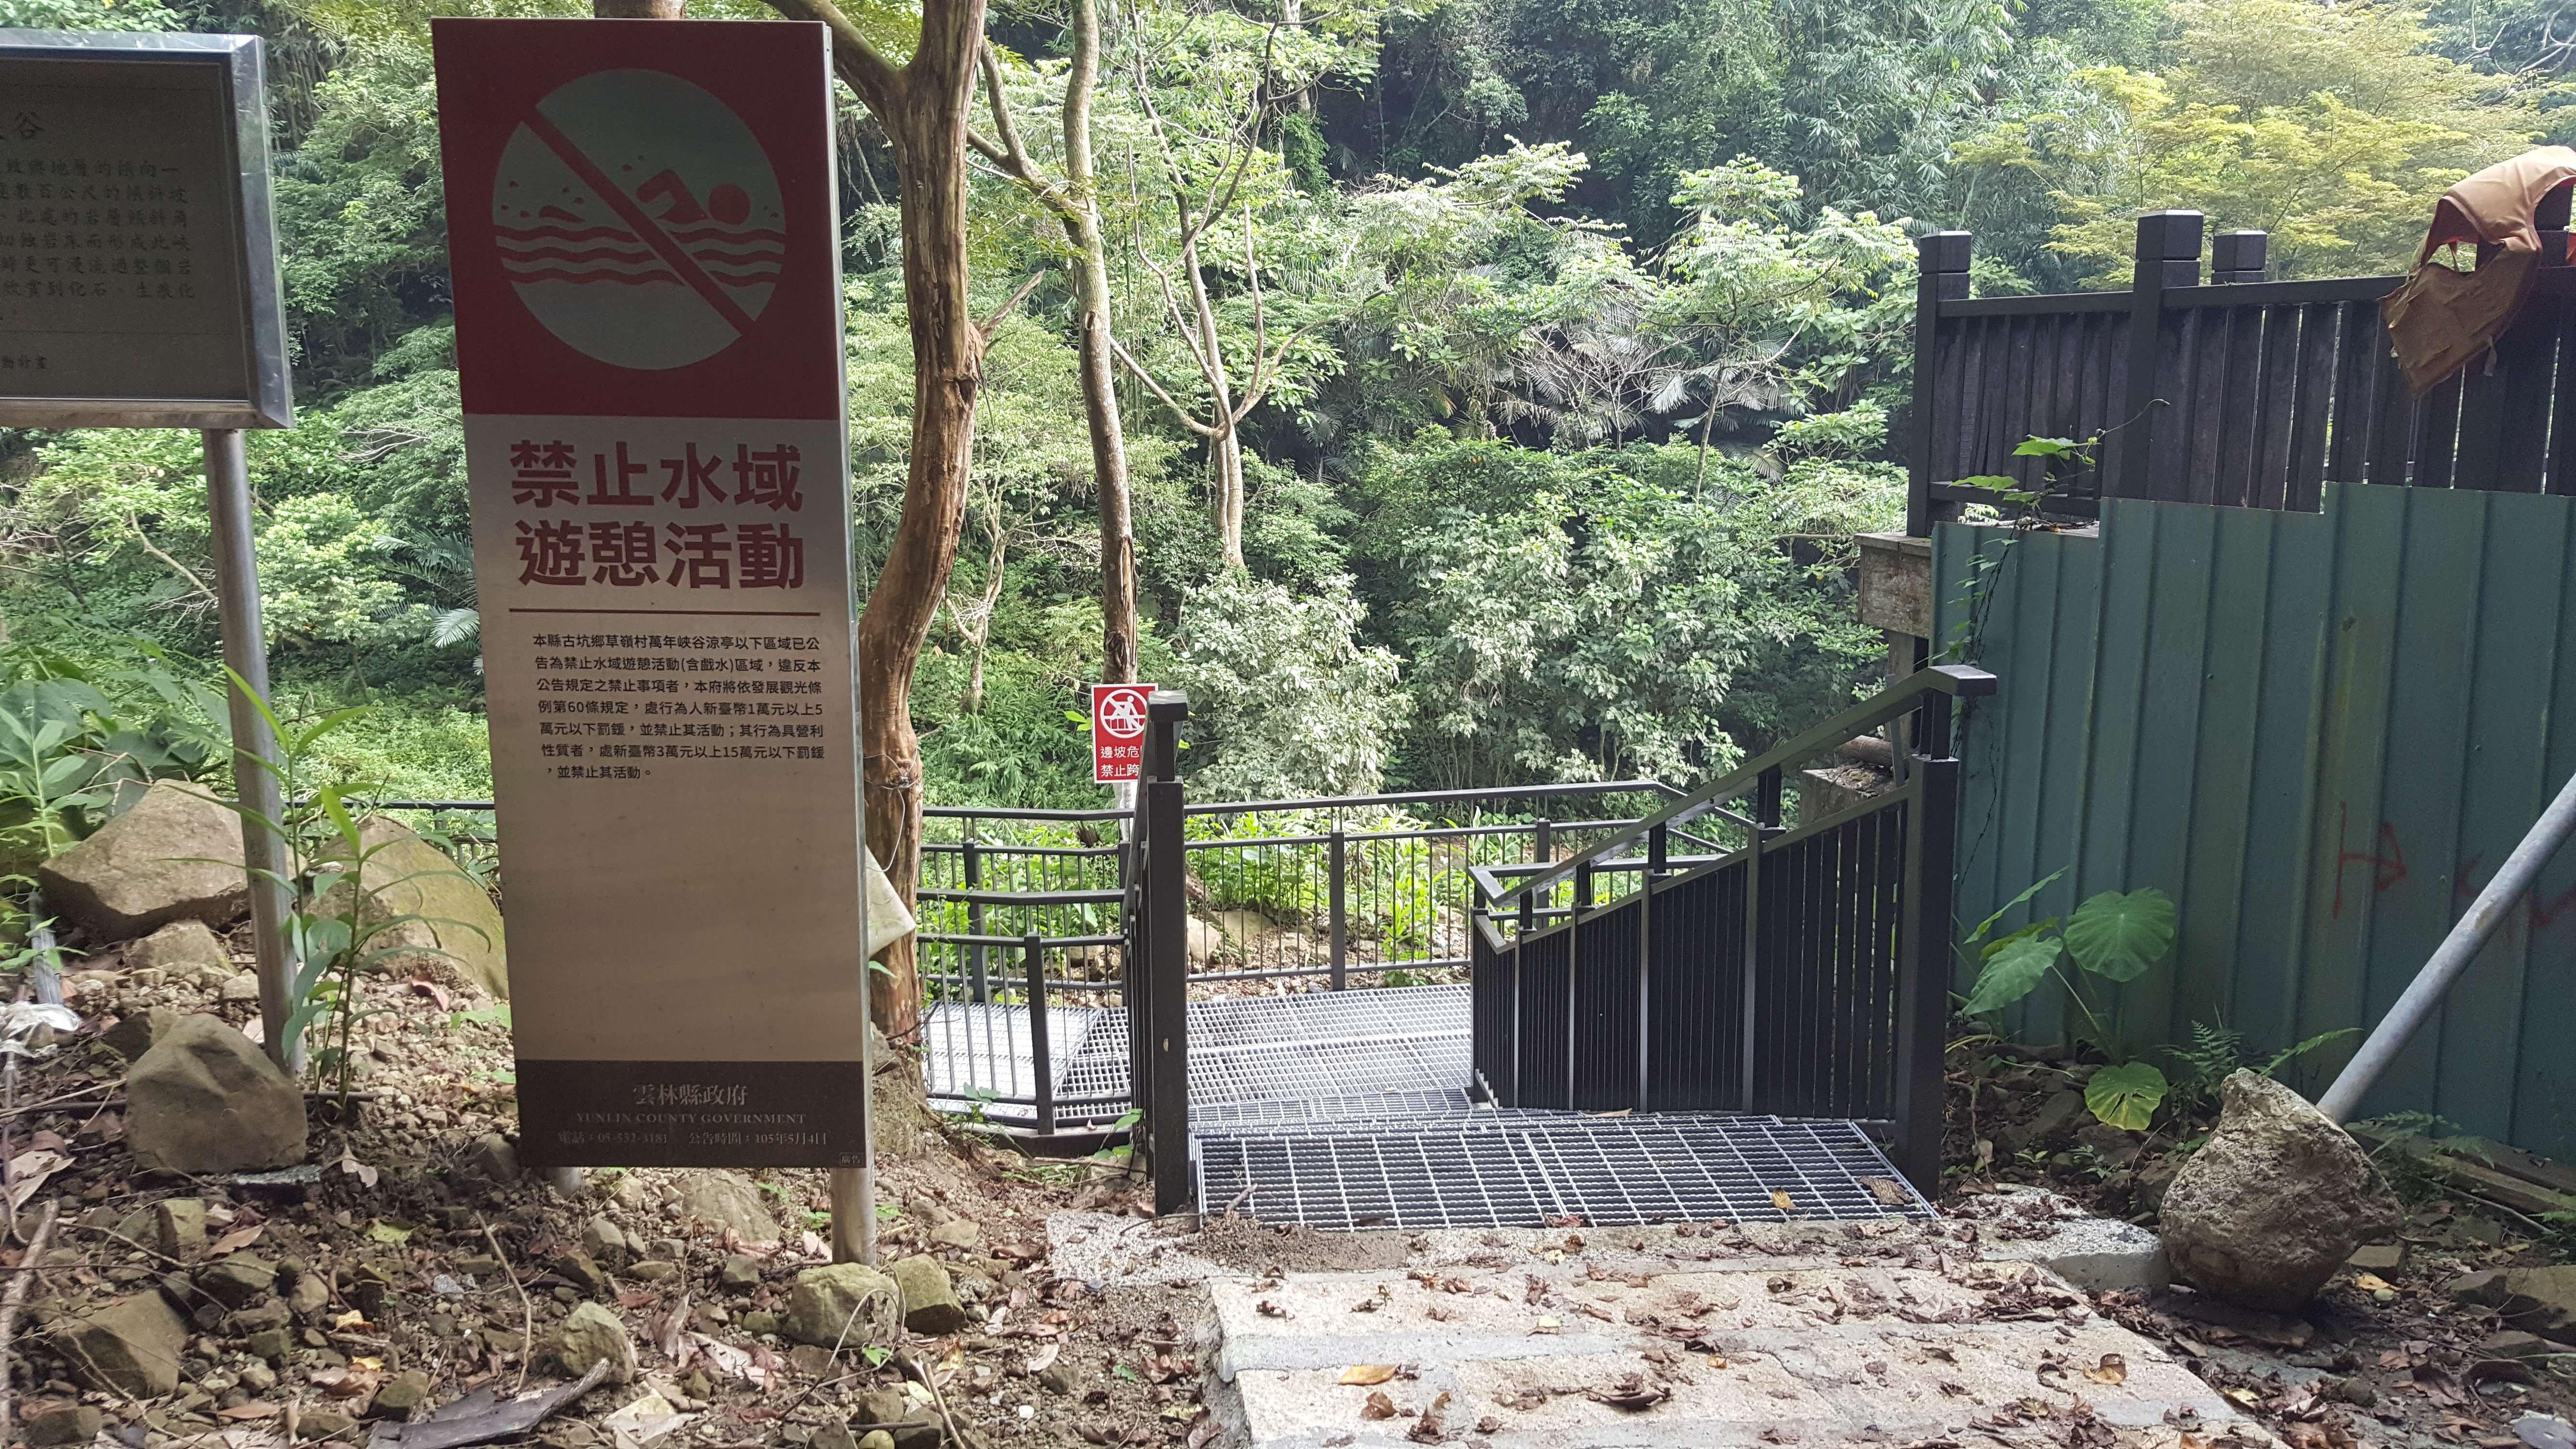 萬年峽谷河床因青苔濕滑且高低落差大,容易滑落溪中造成危險,縣府已設置安全步道及景觀台,並設置警告標誌禁止遊客進入戲水。